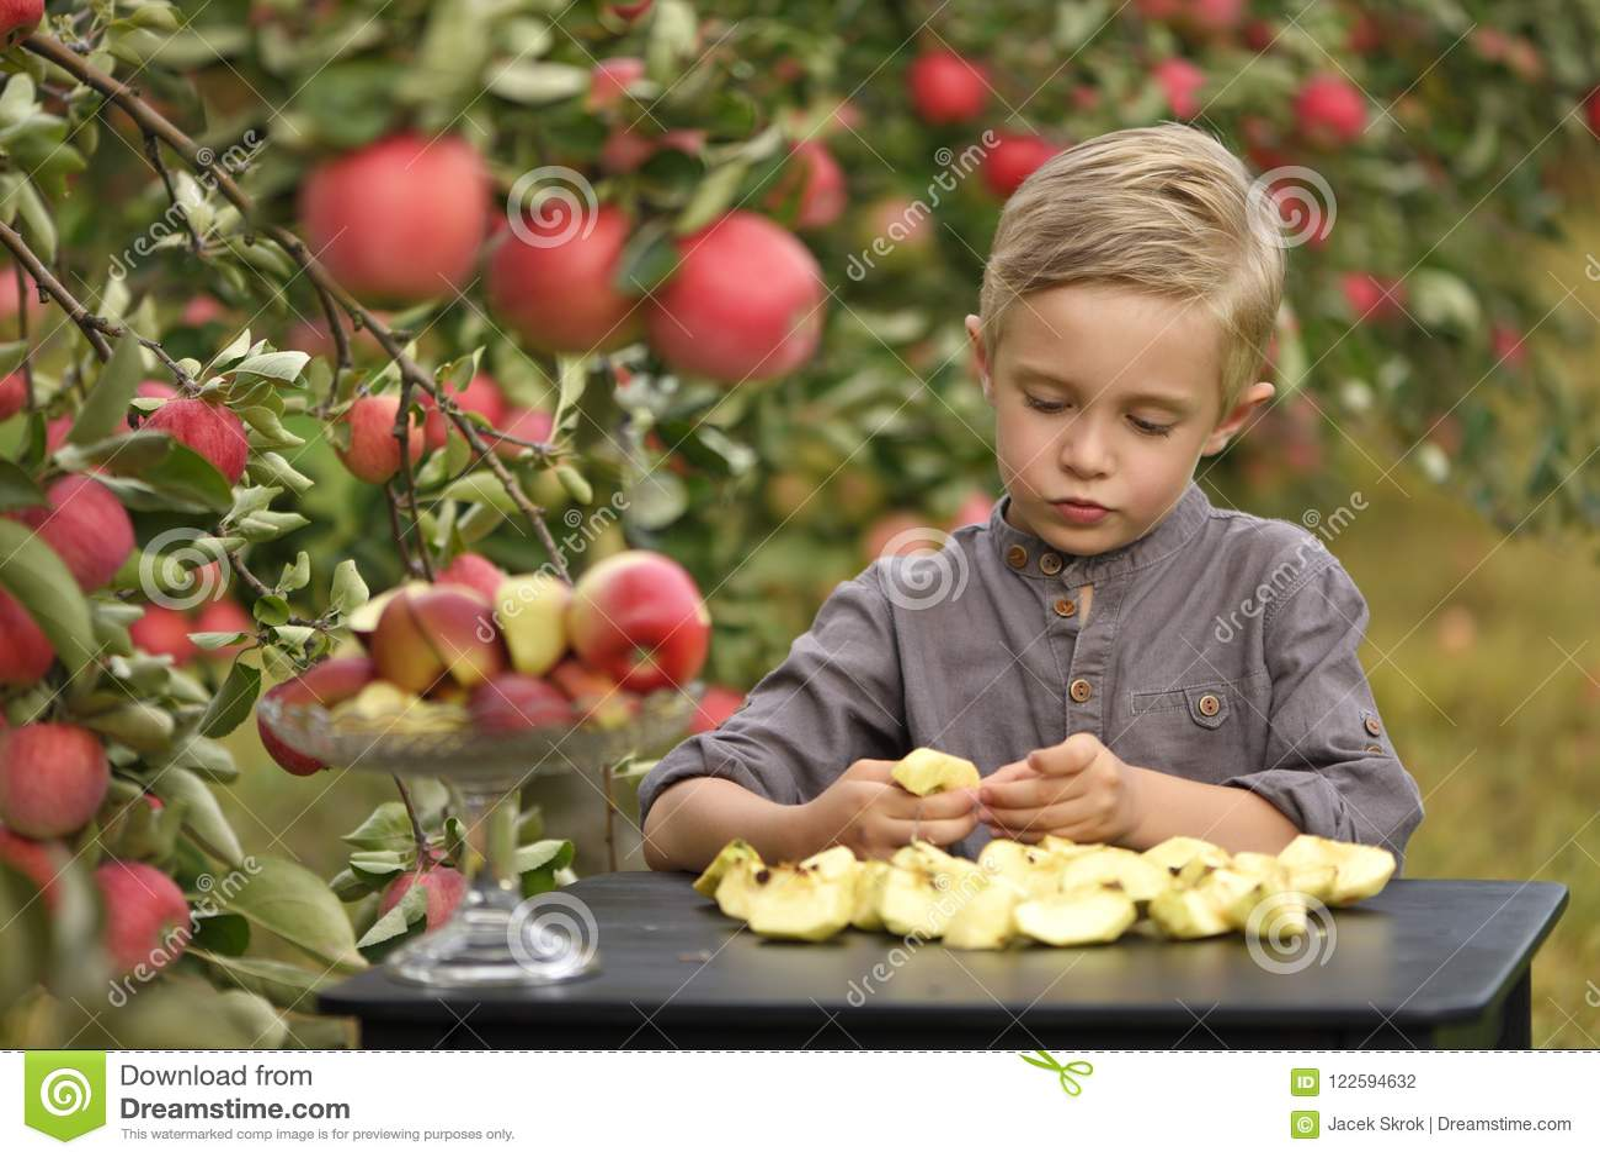 Een leuke, glimlachende jongen plukt appelen in een appelboomgaard en houdt een appel